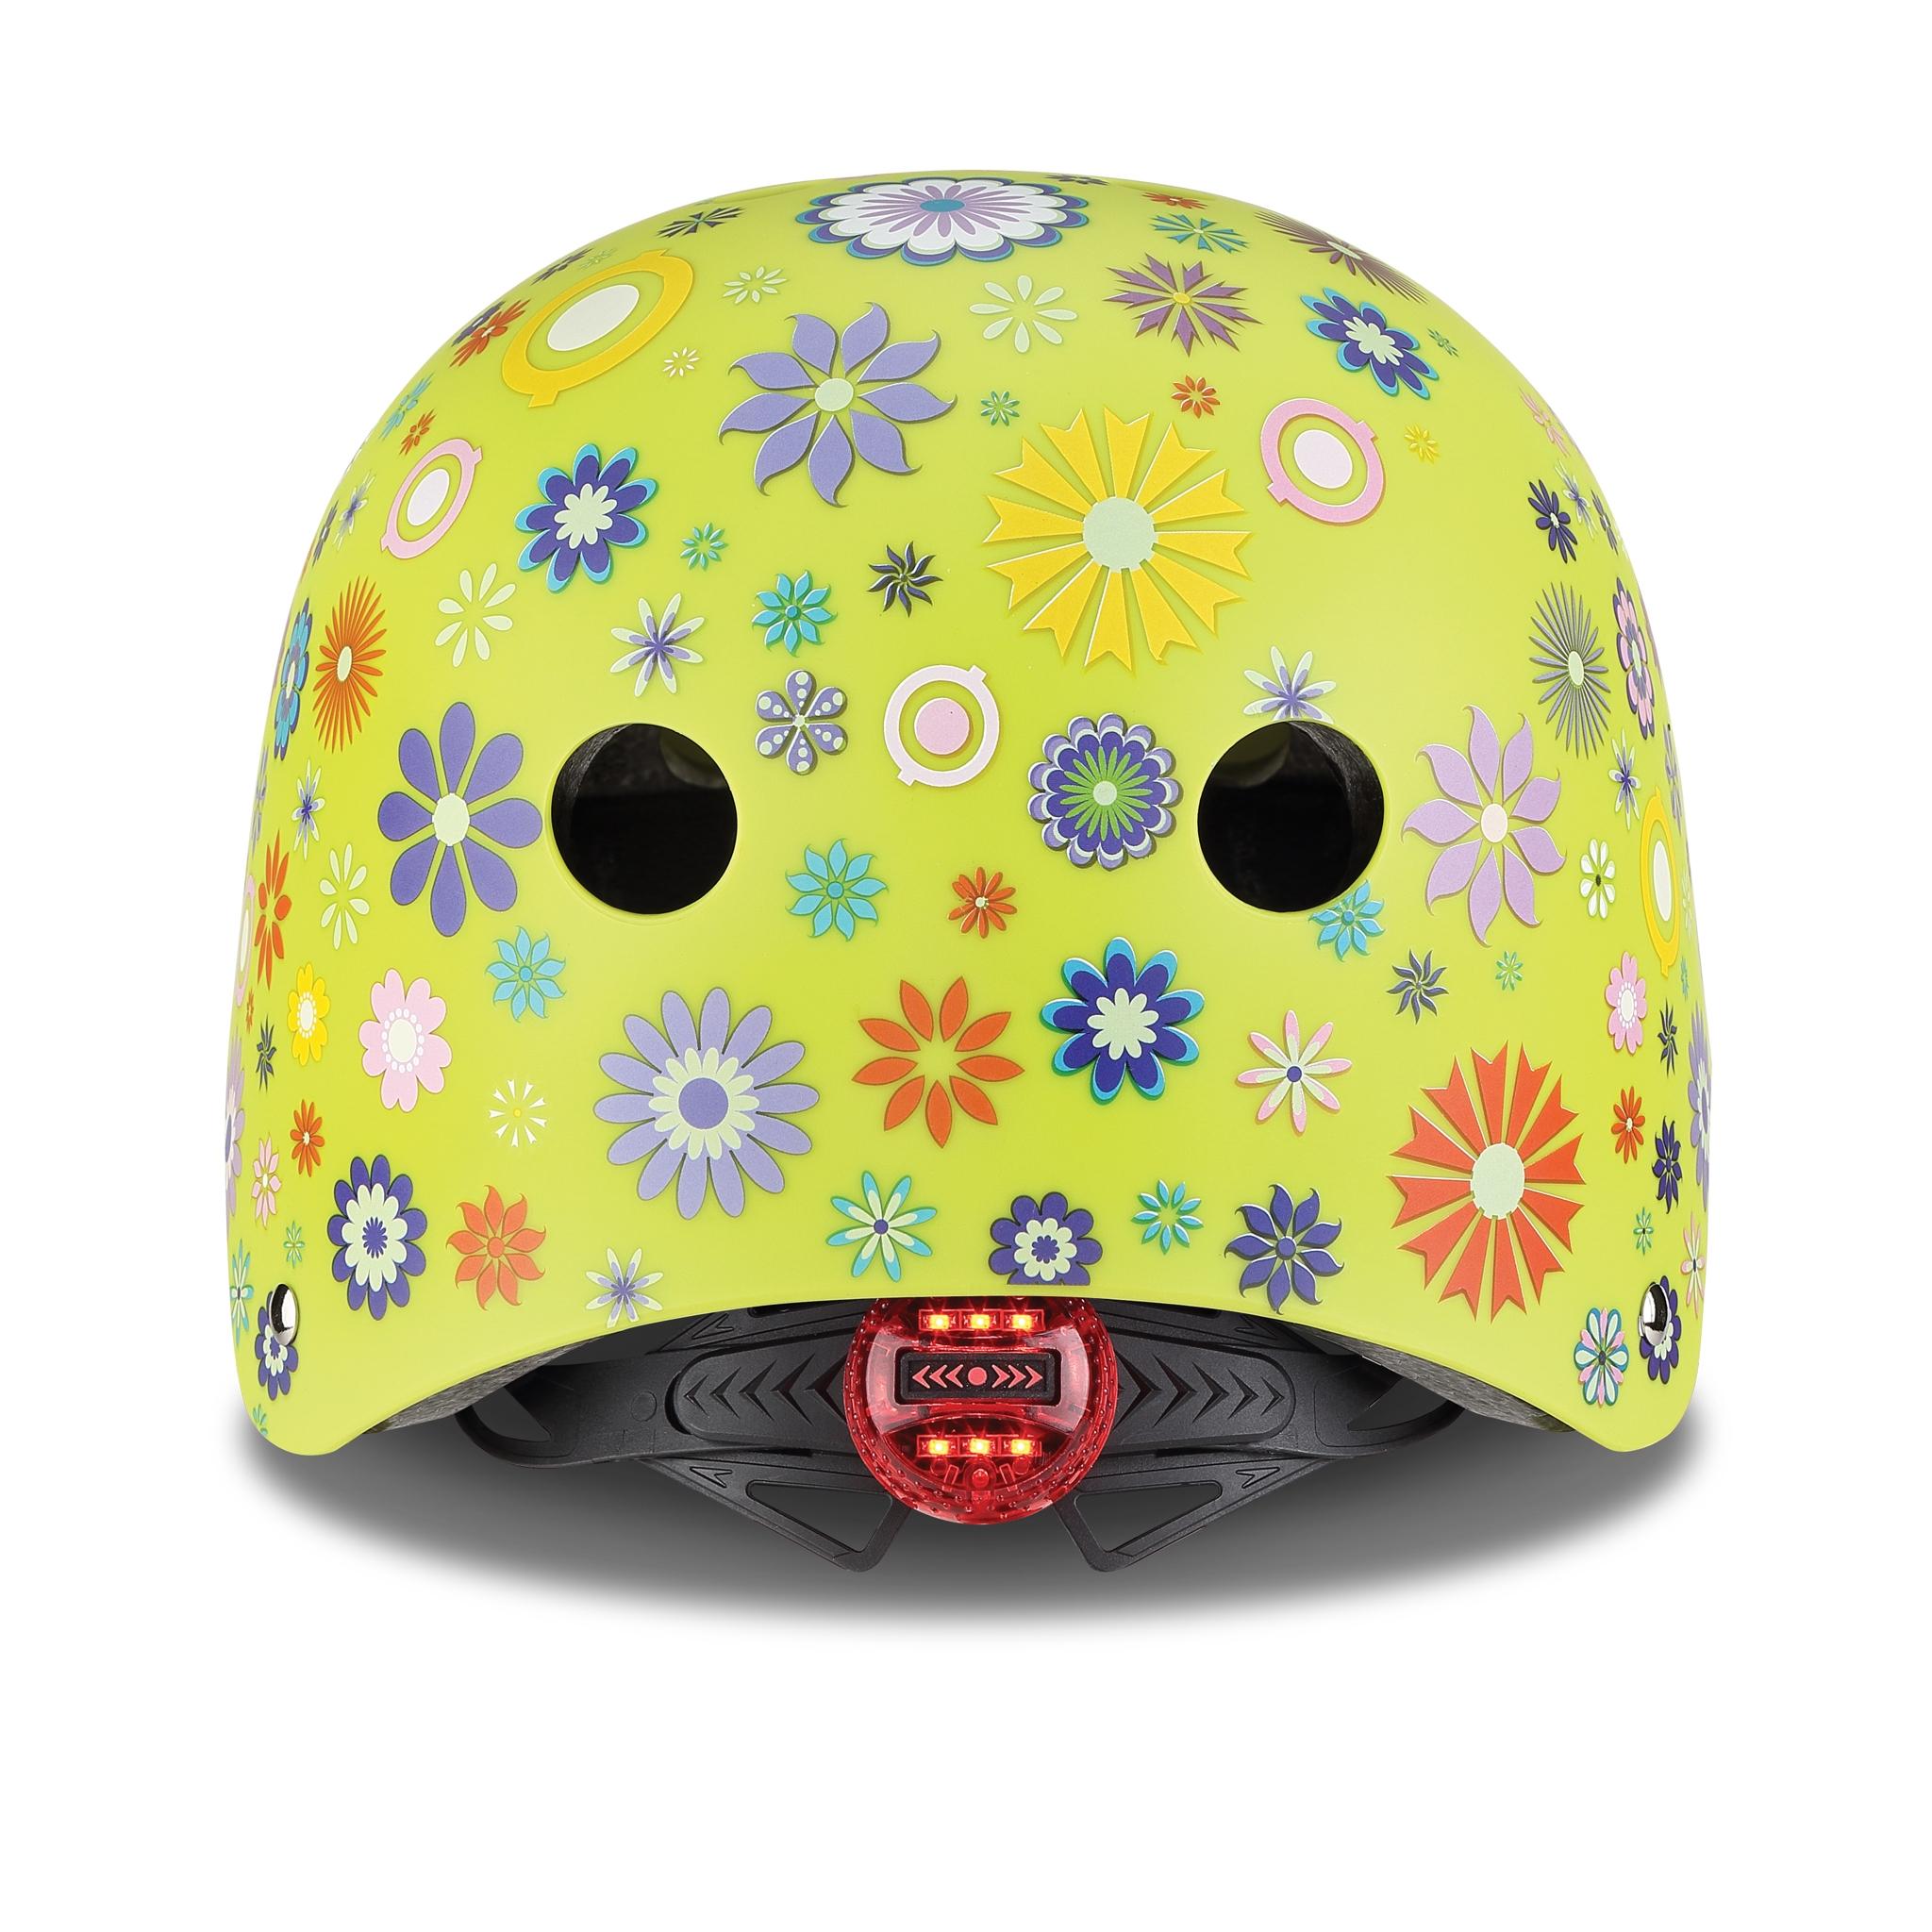 ELITE-helmets-scooter-helmets-for-kids-with-LED-lights-safe-helmet-for-kids-lime-green 2